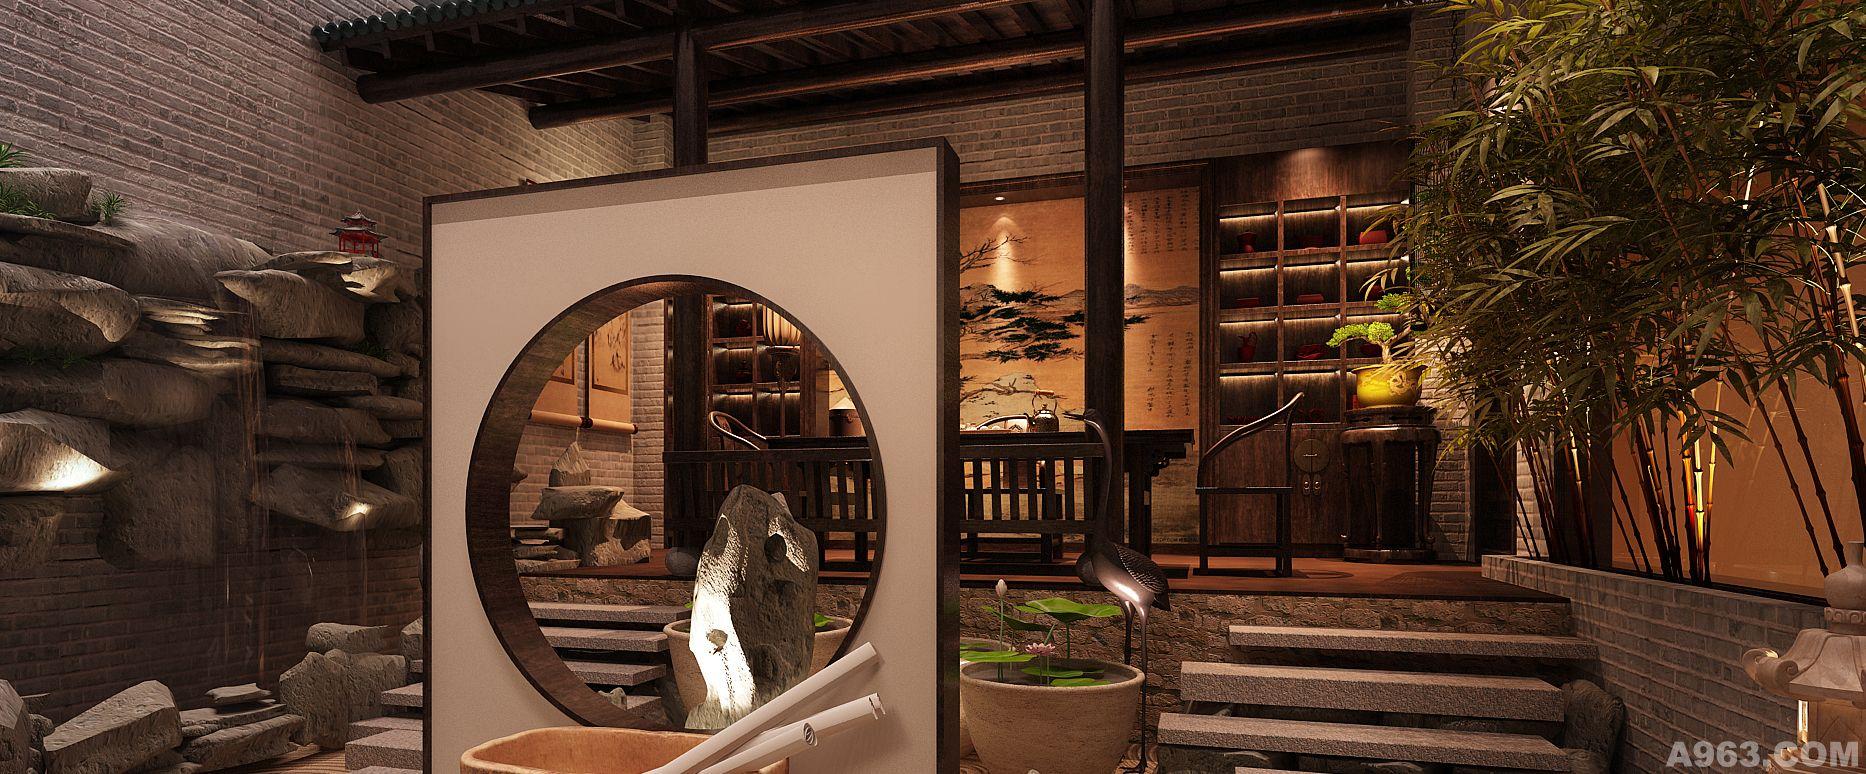 种植黄竹瀑布将室外环境带入室内,运用漏窗,以及把过的沙石与传统的